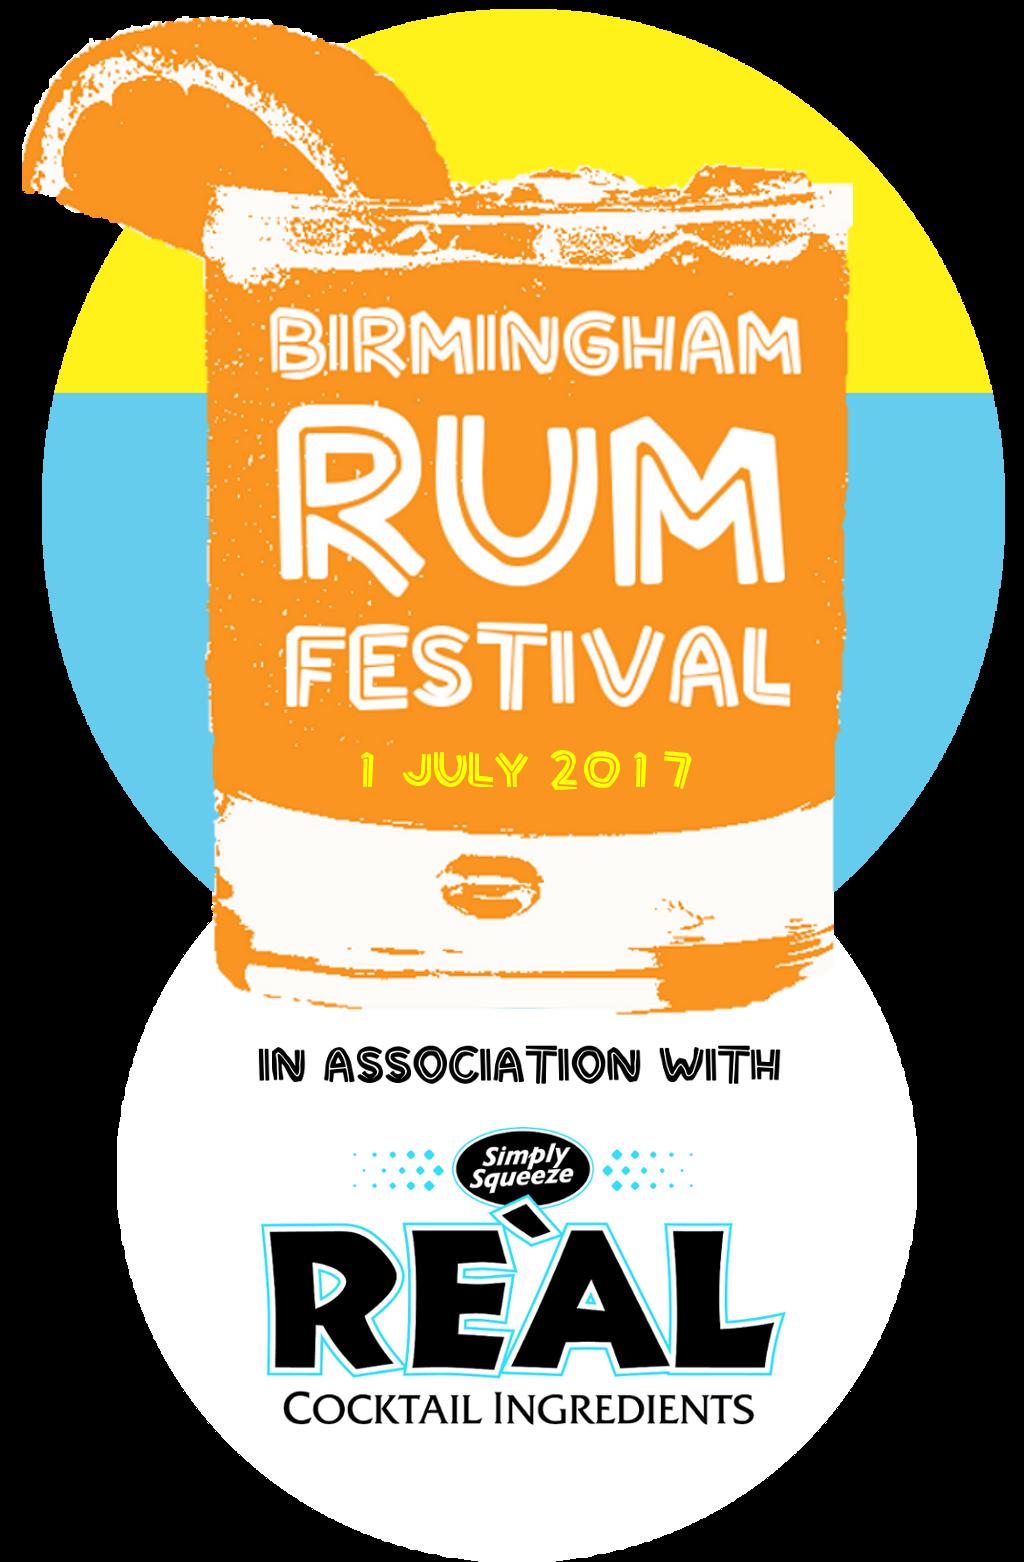 Birmingham Rum Festival 2017 + REAL half white